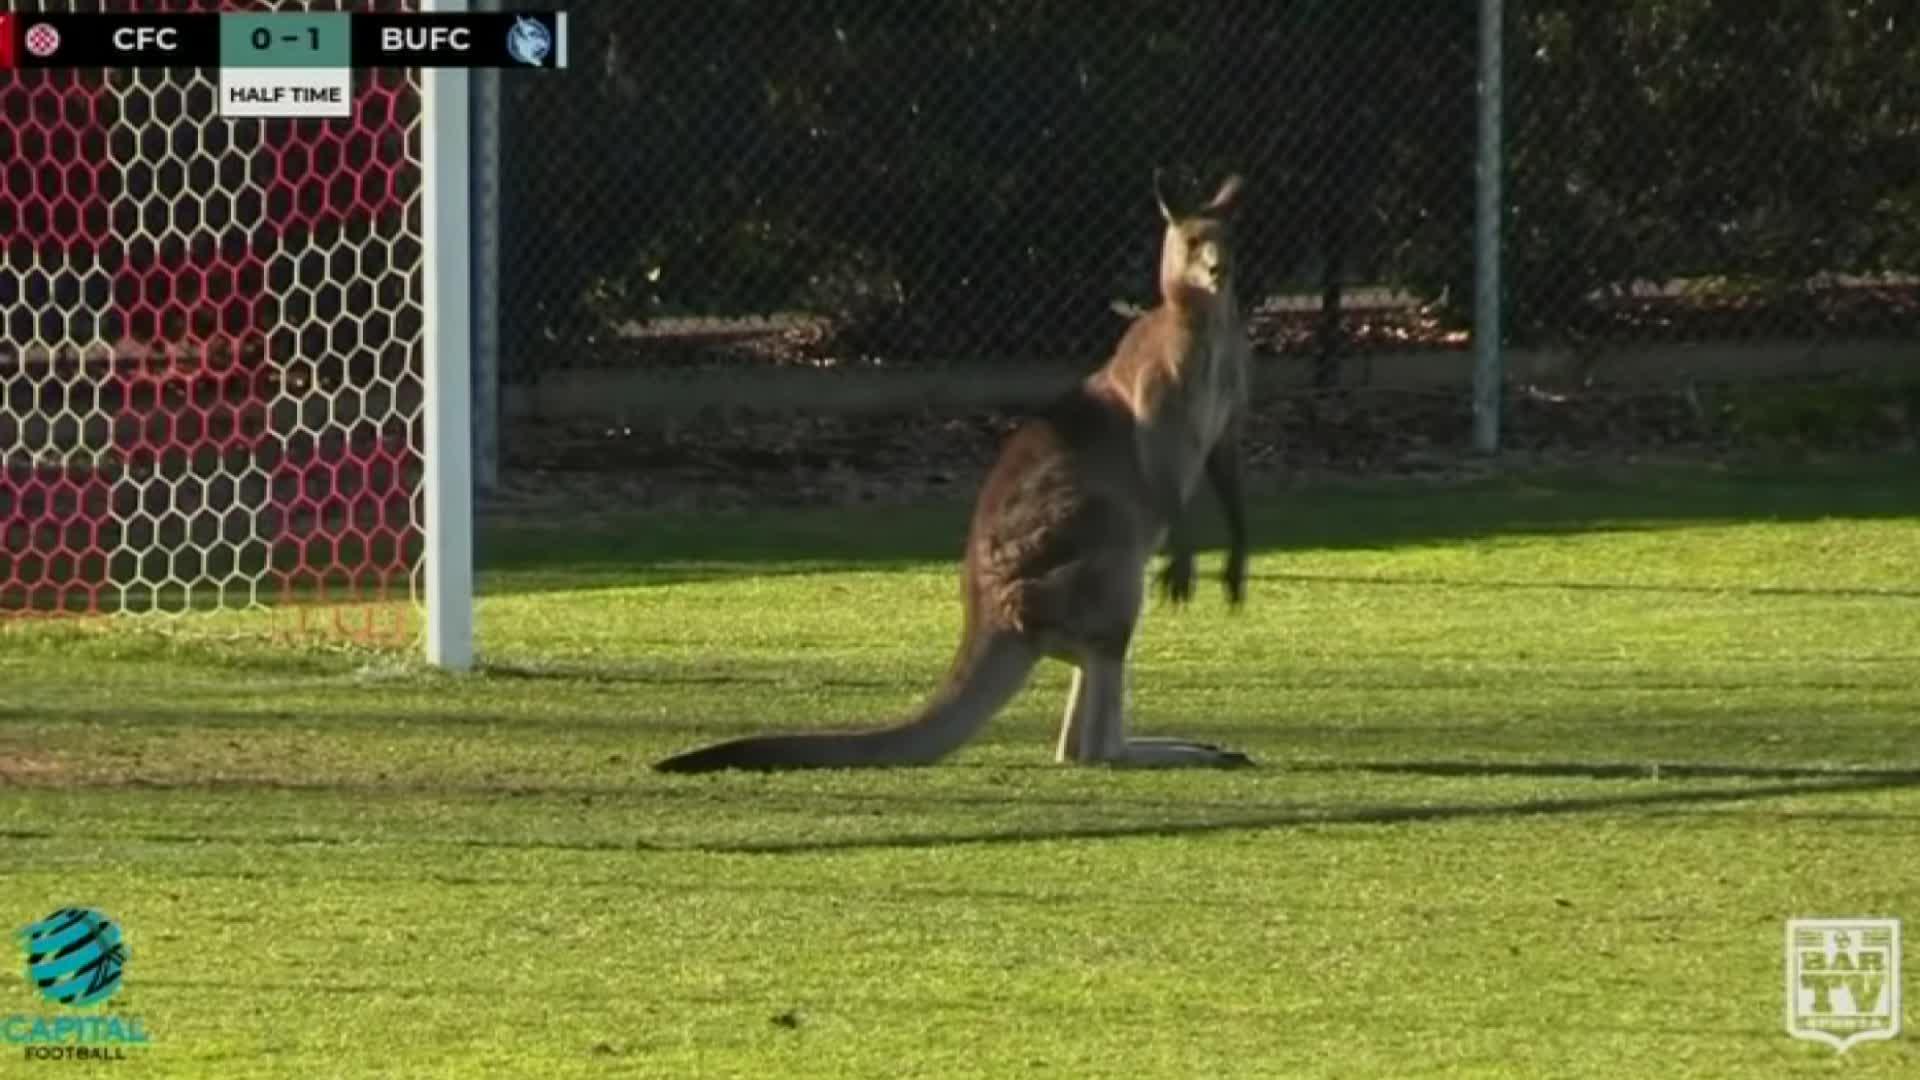 Australia, Canberra, field invasion, football, invades field, kangaroo, match, soccer, soccer match, socceroo, Kangaroo invades field at Australian soccer match GIFs